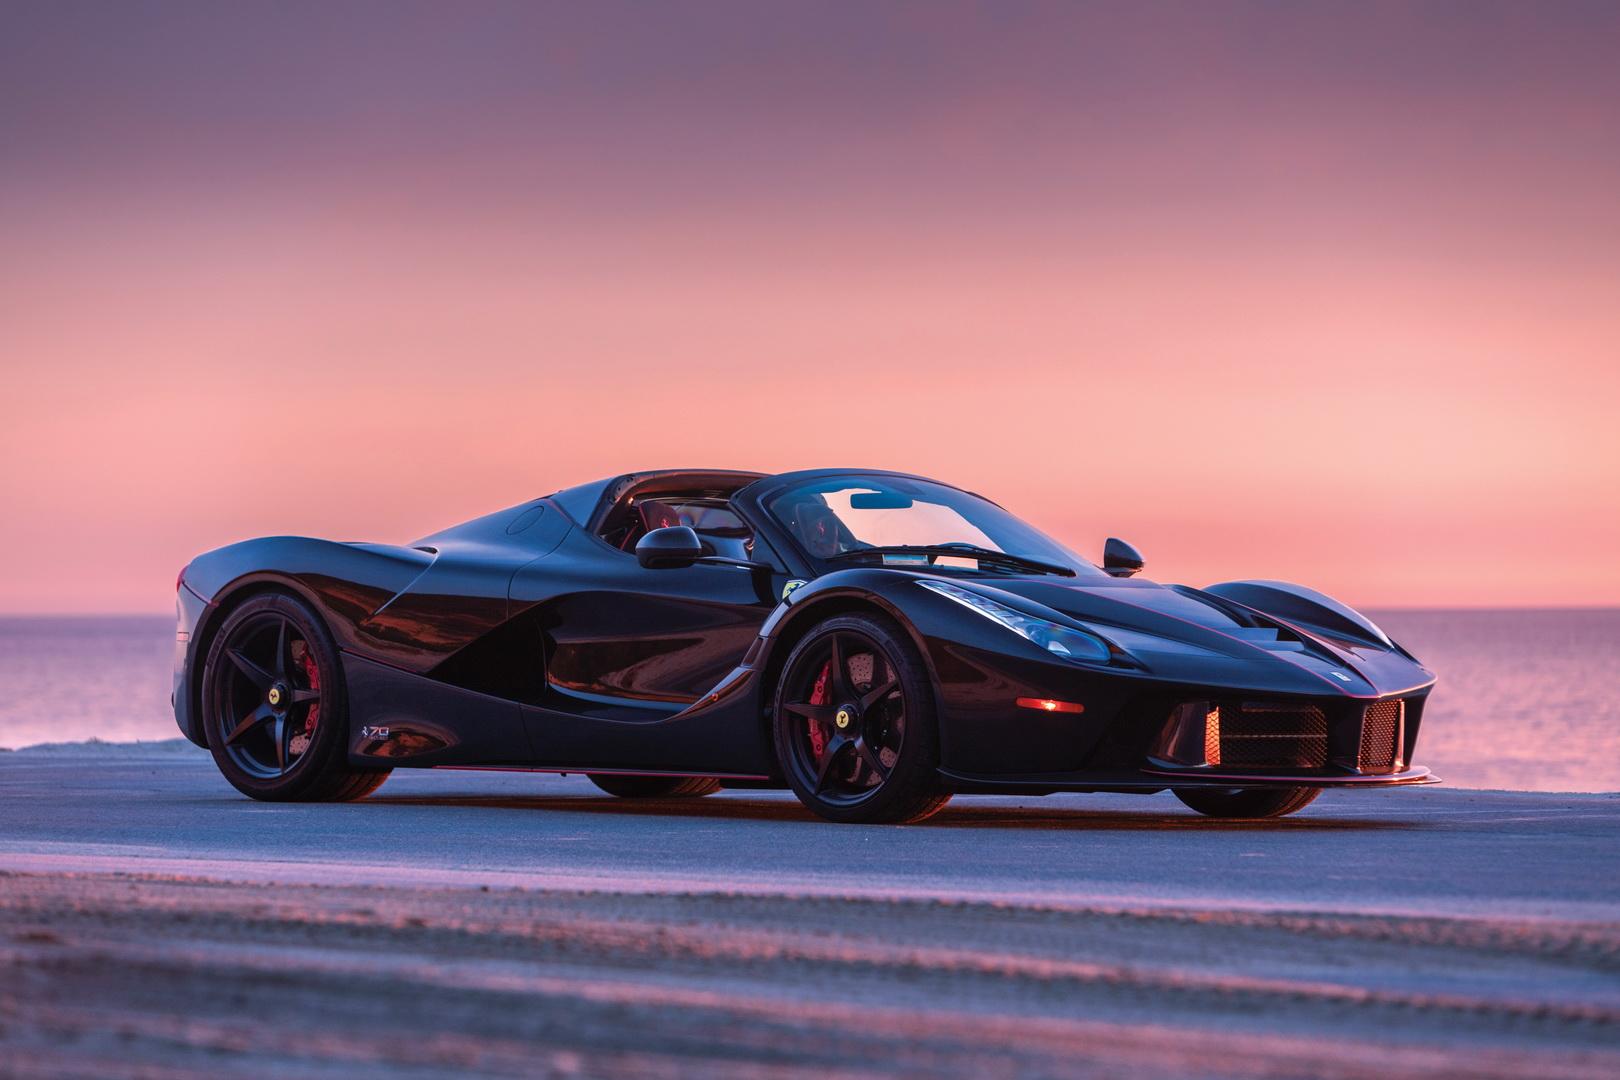 Auta Ferrari zagrożone ryzykiem pożaru